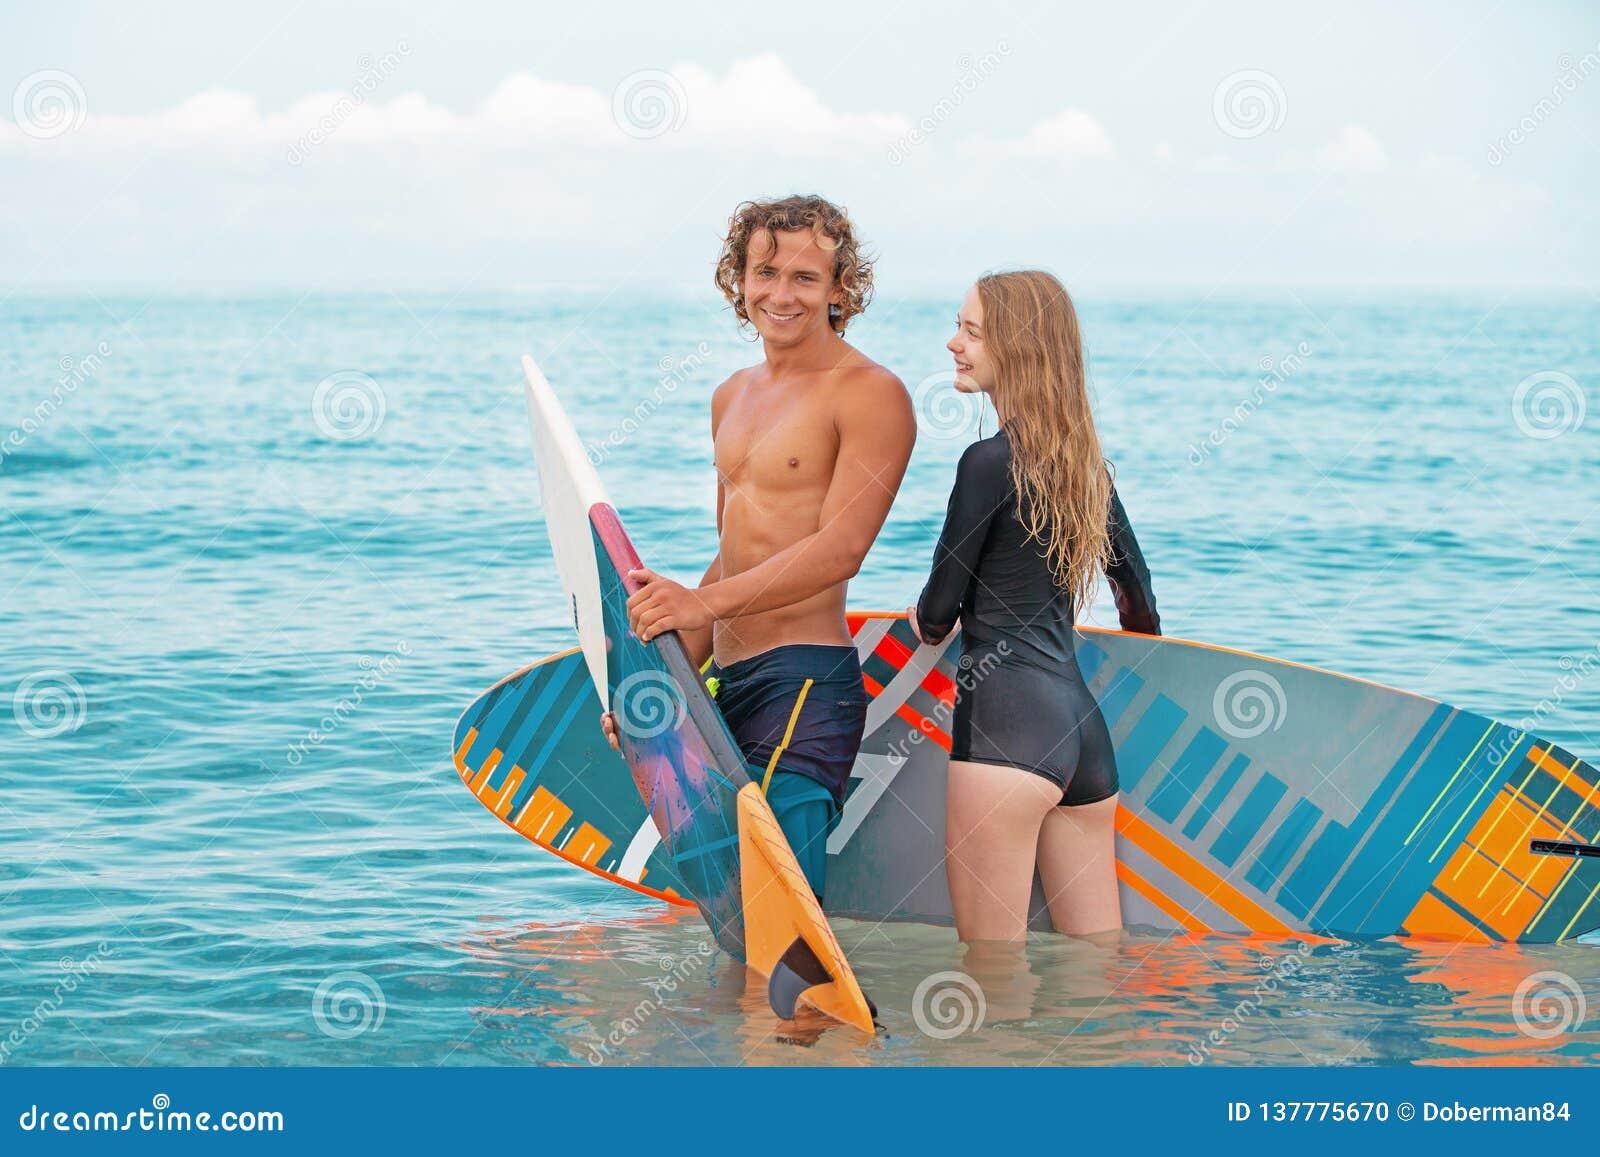 冲浪者海滩微笑的夫妇的冲浪者走在海滩和获得乐趣在夏天 极限运动和